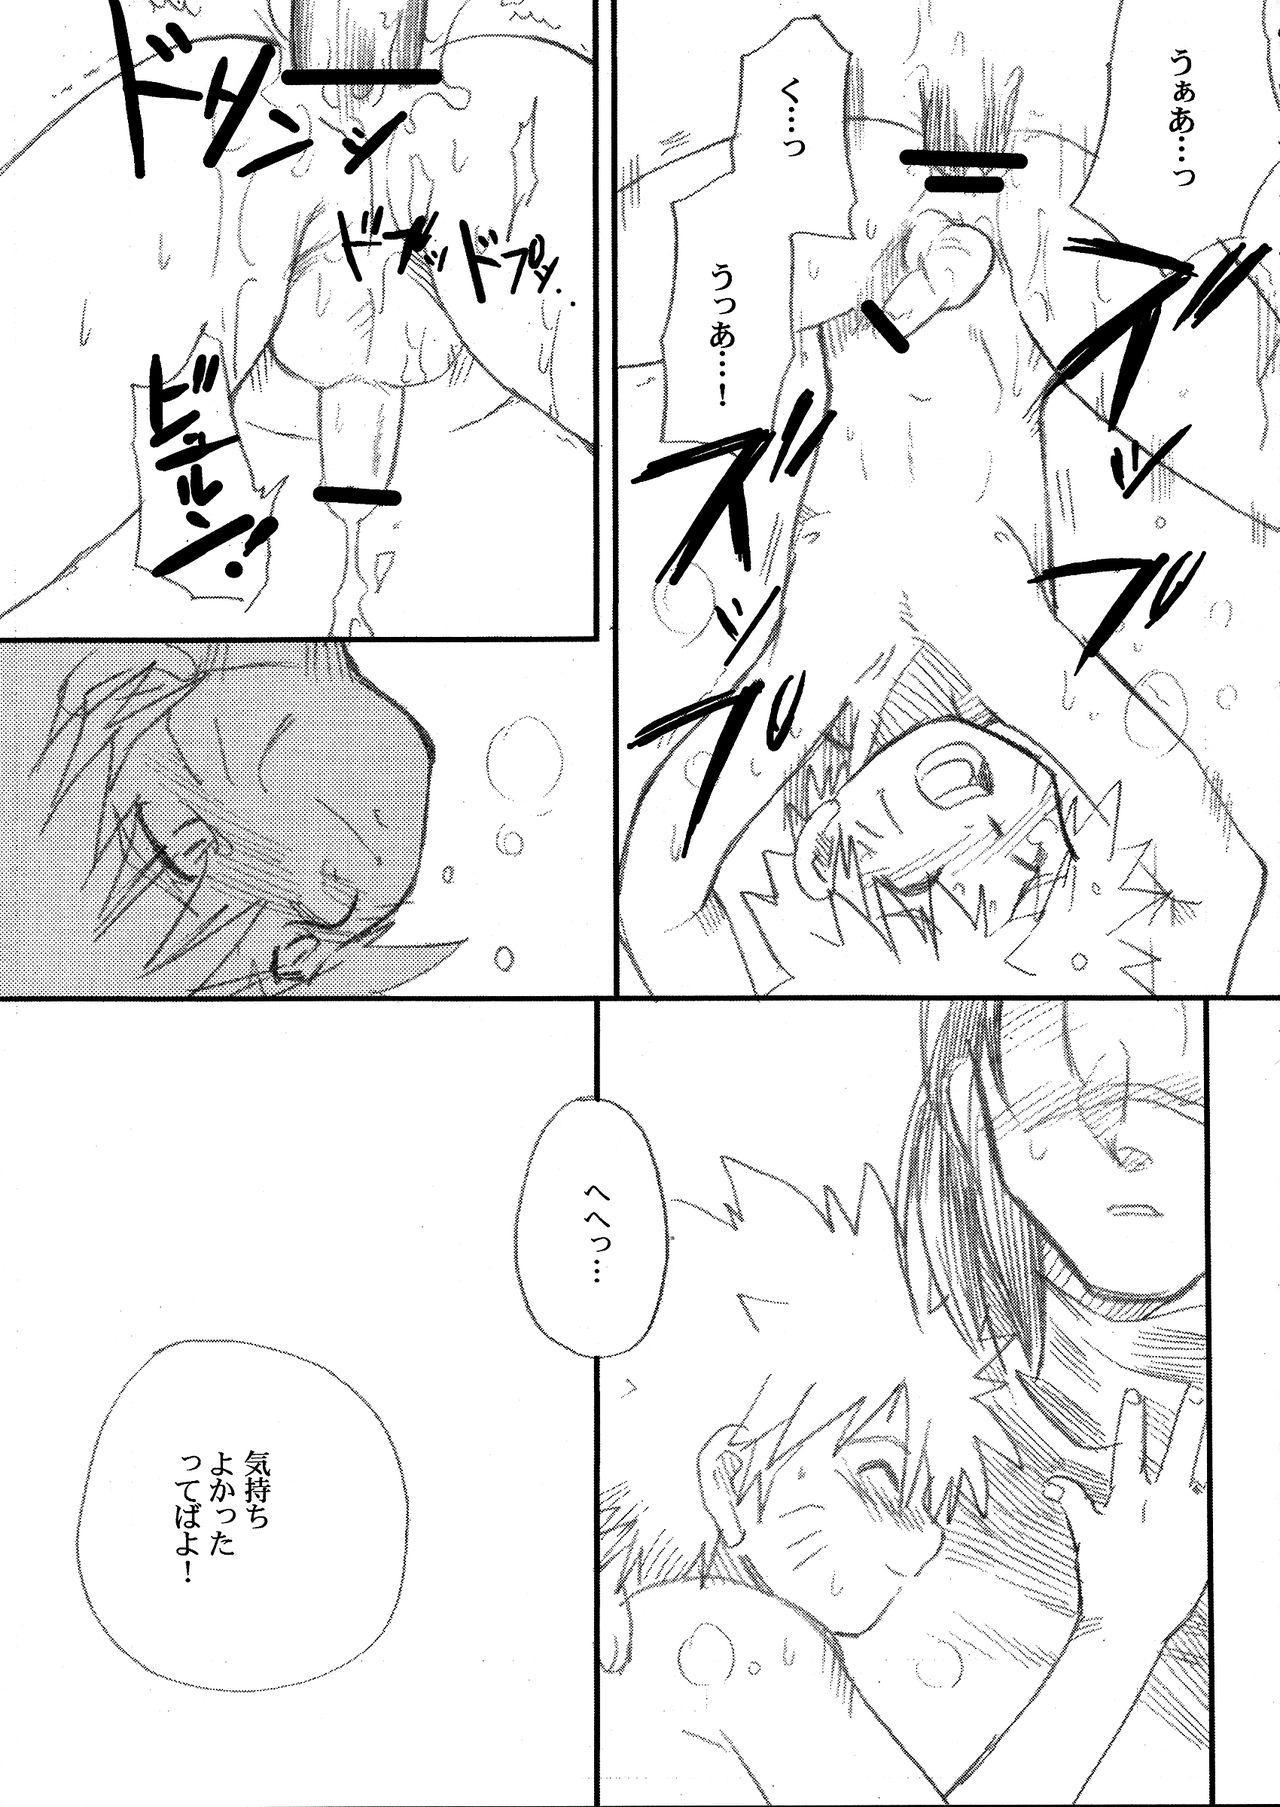 IruNaru no Wadachi 19